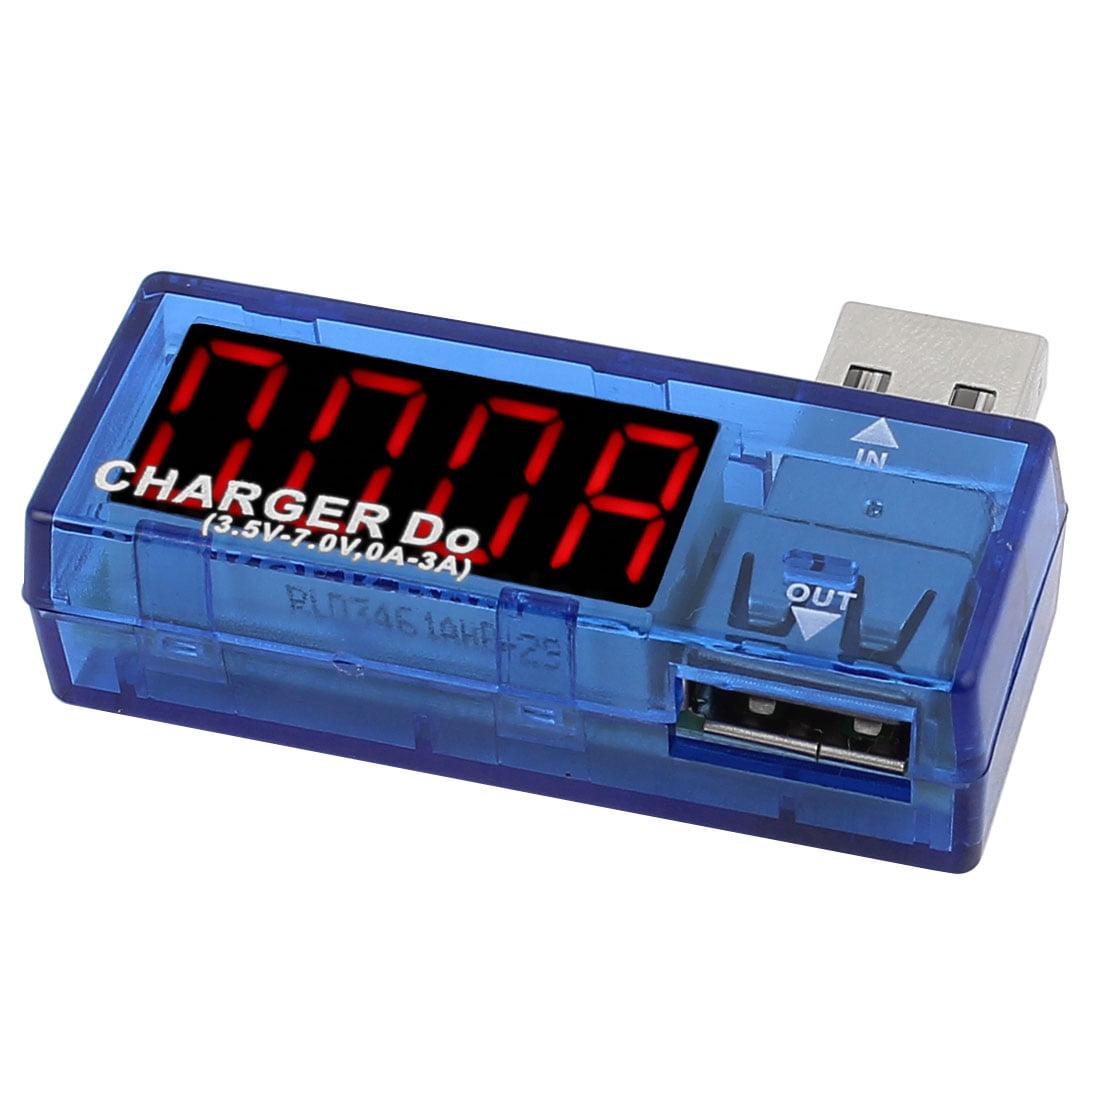 3.5-3.7V Voltage 0-3A Current Battery USB Charger Tester Meter Power Detector - image 2 de 2